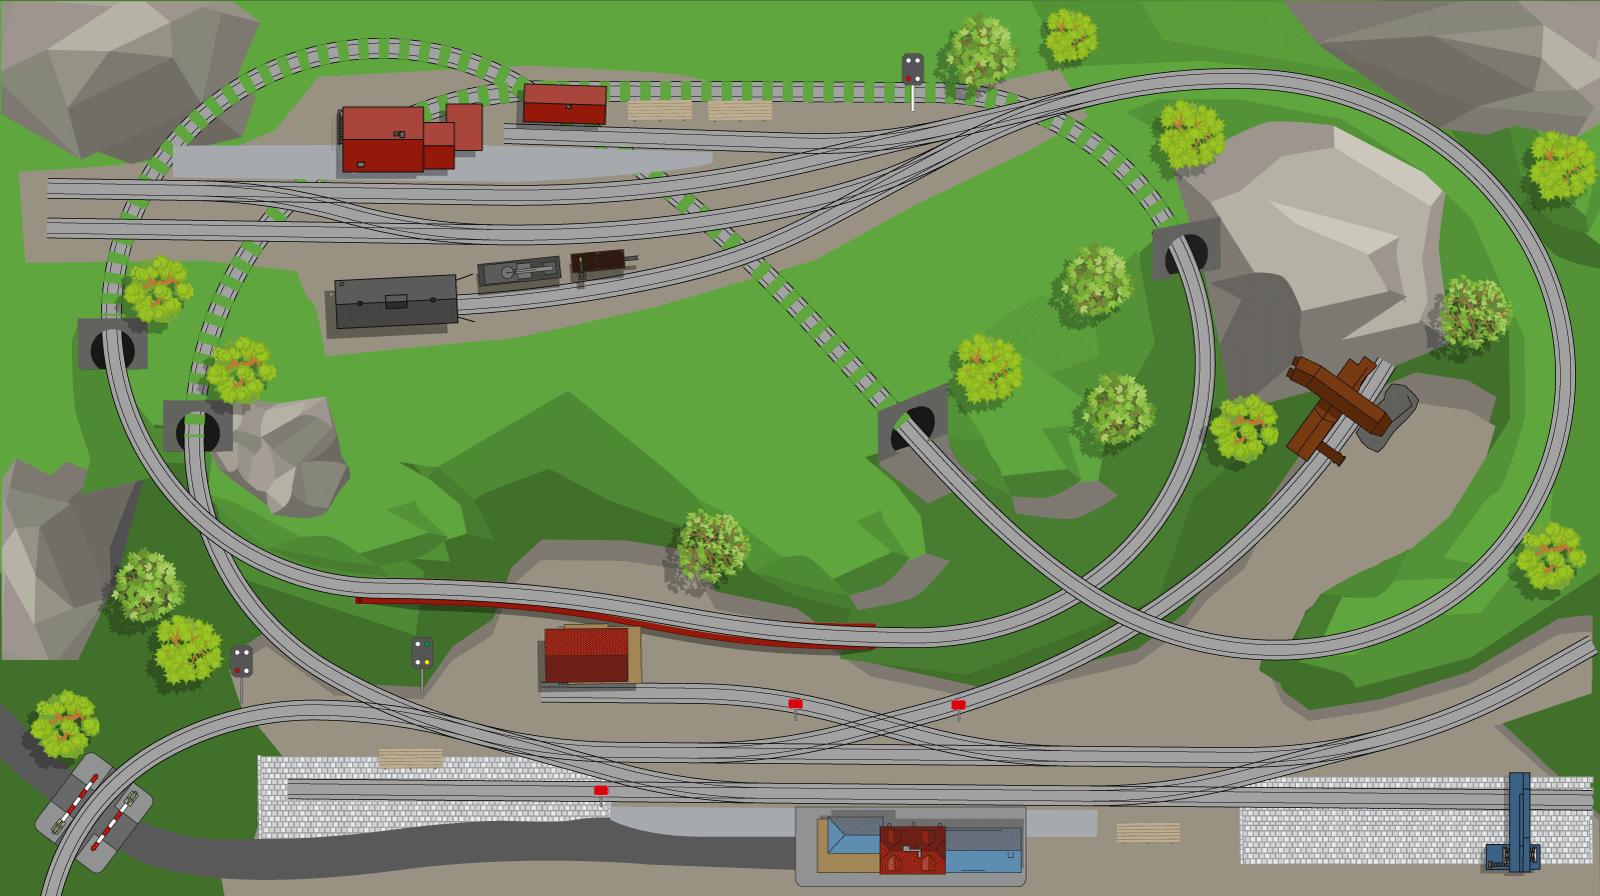 H0 Gleisplan: Spirale mit Spitzkehre und Endbahnhof auf 250 x 140 cm 1